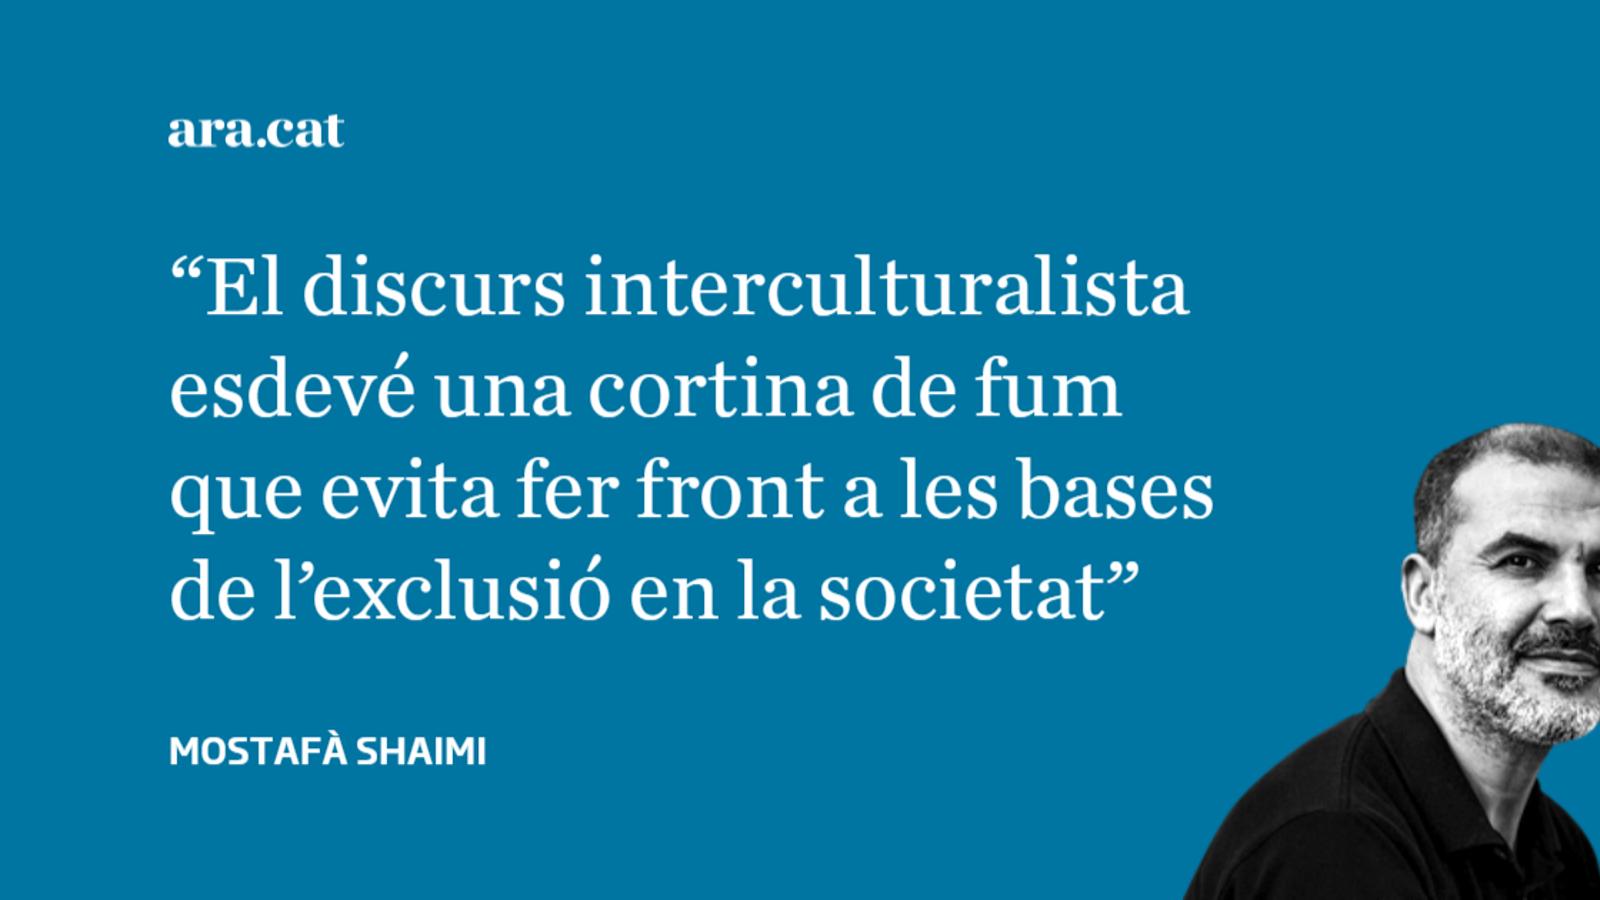 Catalunya intercultural?